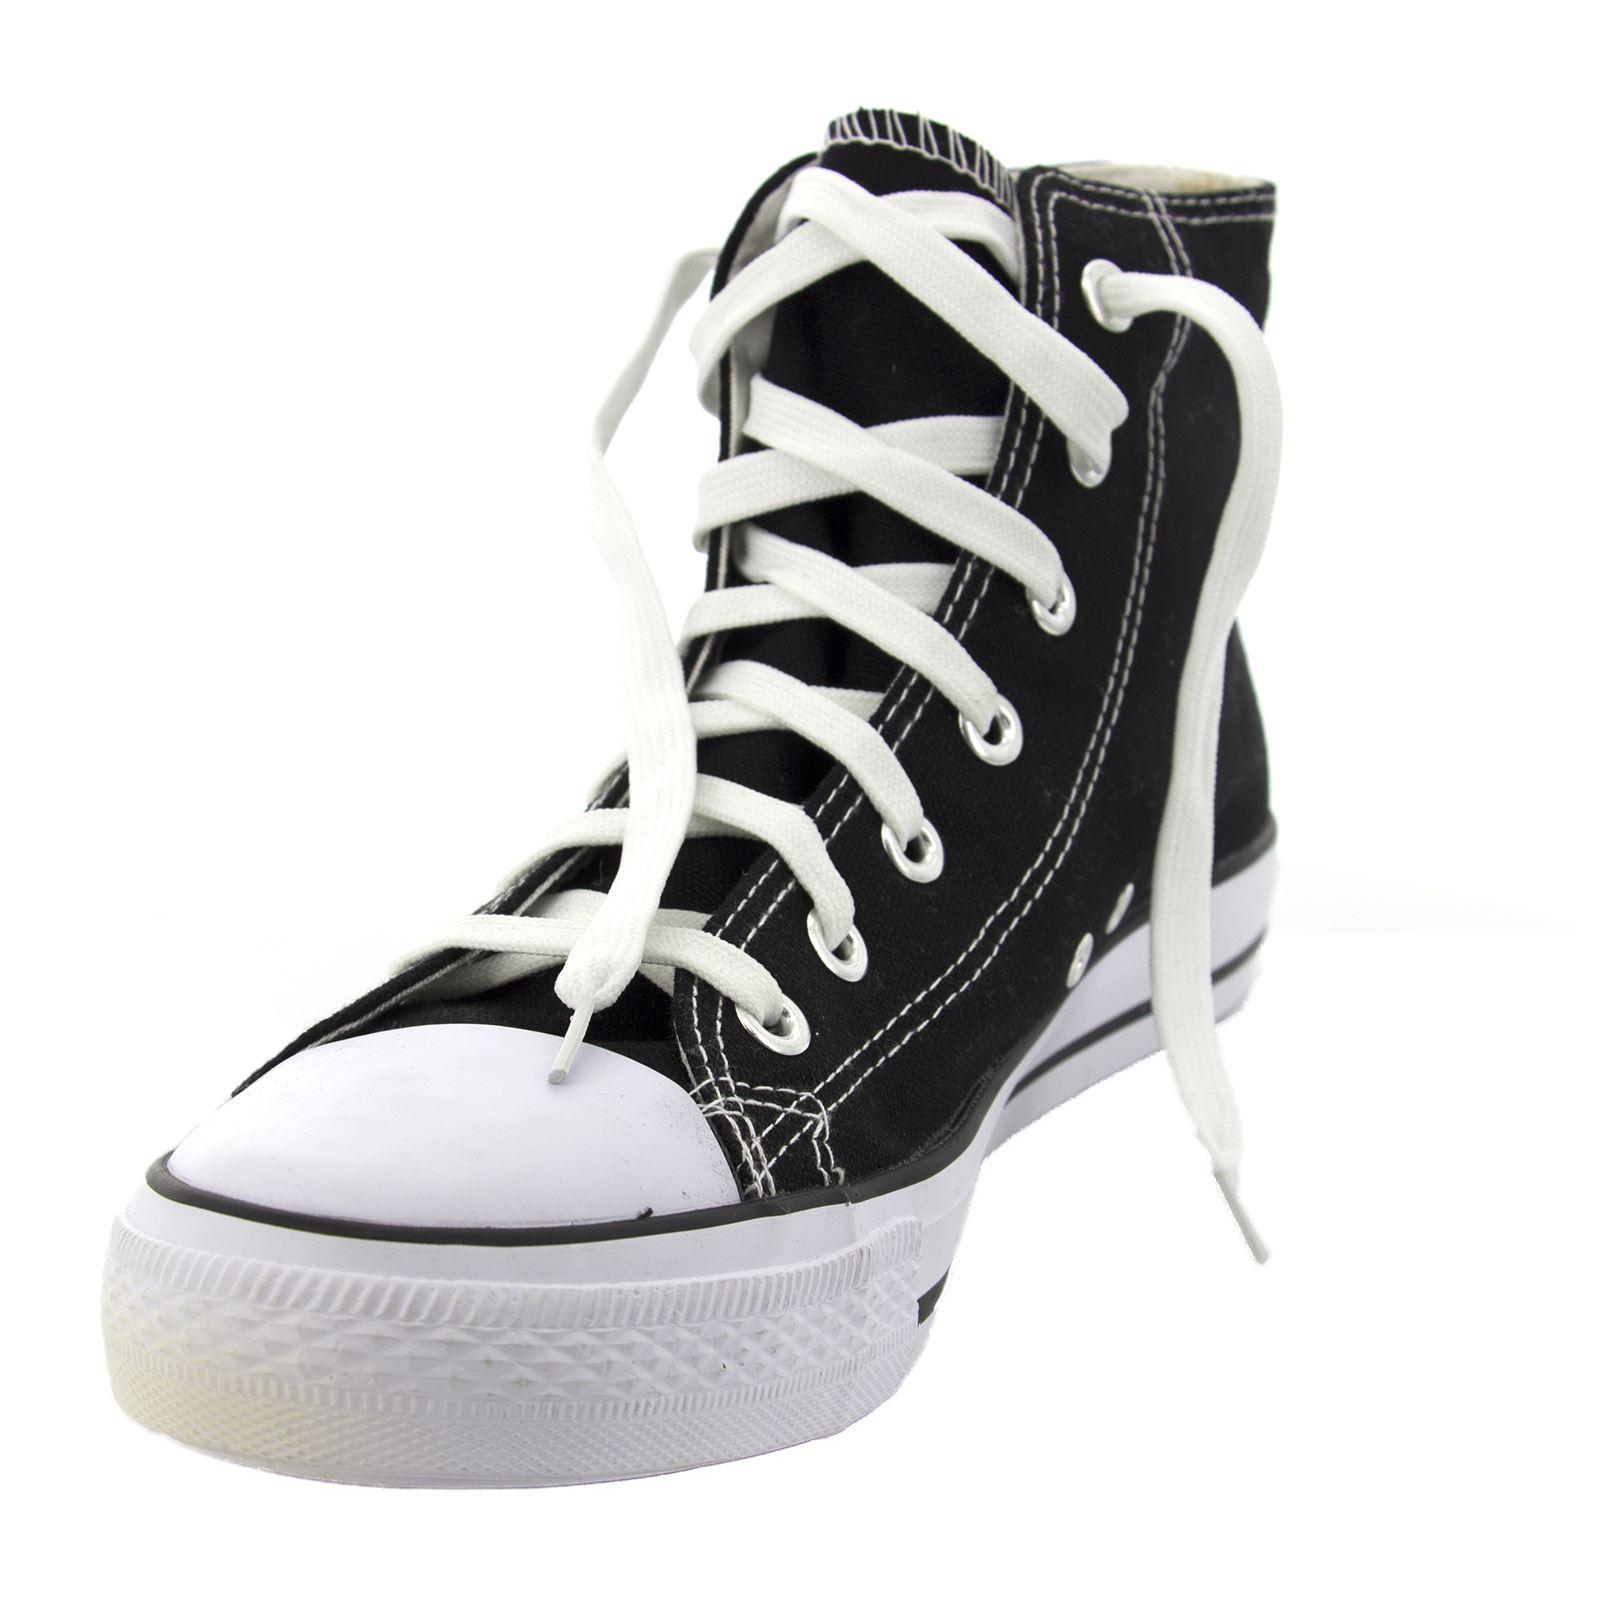 Scarpe da Ginnastica Uomo Donna Sneakers Alte Casual Comode Vari Colori Nero 43 bxRyZy